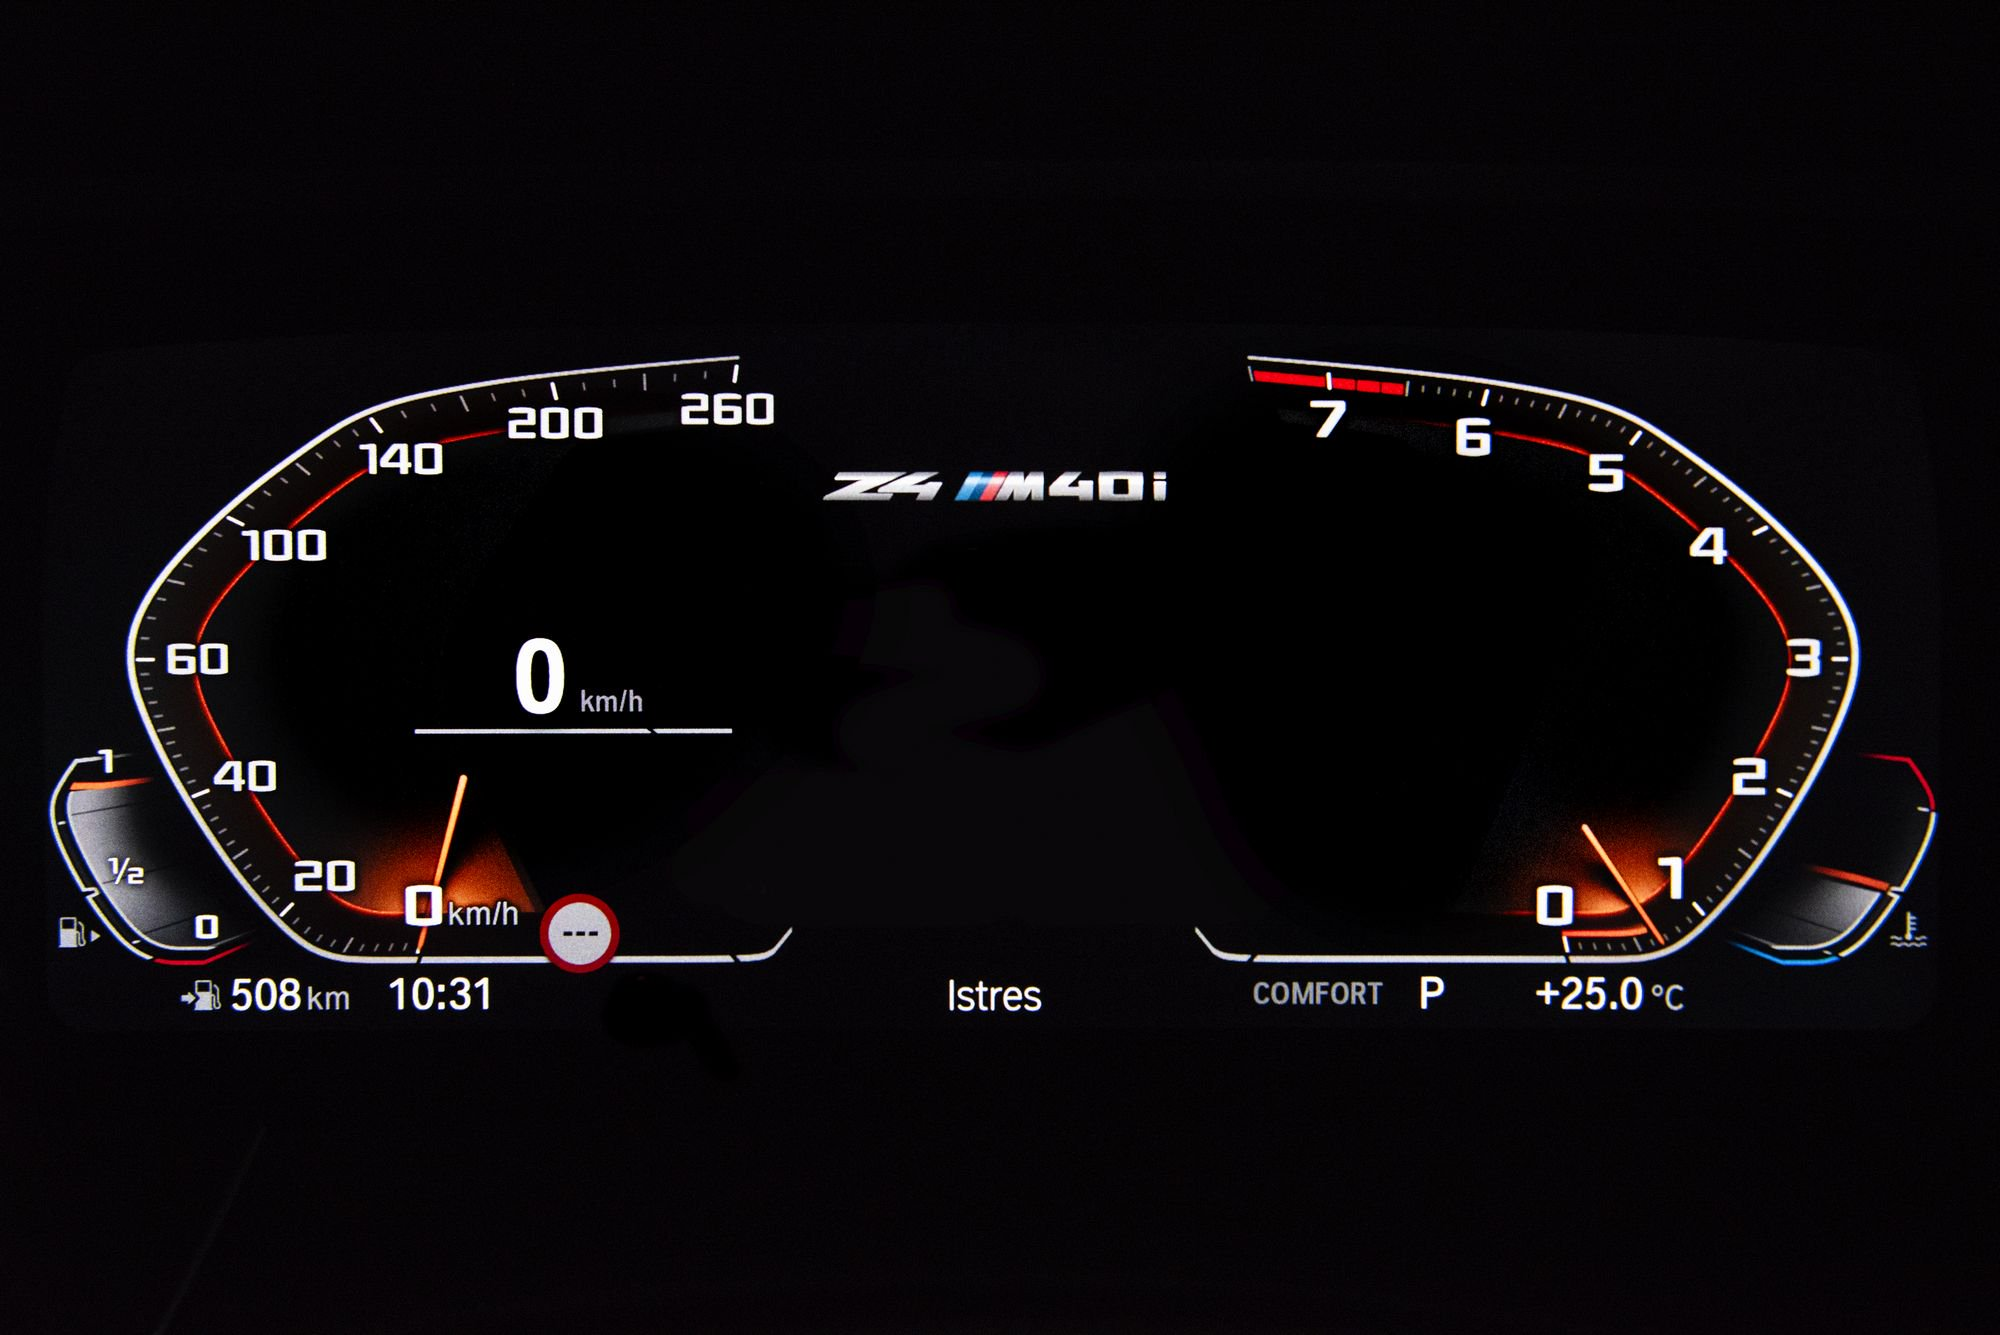 2019 BMW Z4 8 - BMW 2019 Z4 sDrive Dashboard 4k - Z4 sDrive Dashboard 4k, 2019 bmw z4 speed panel